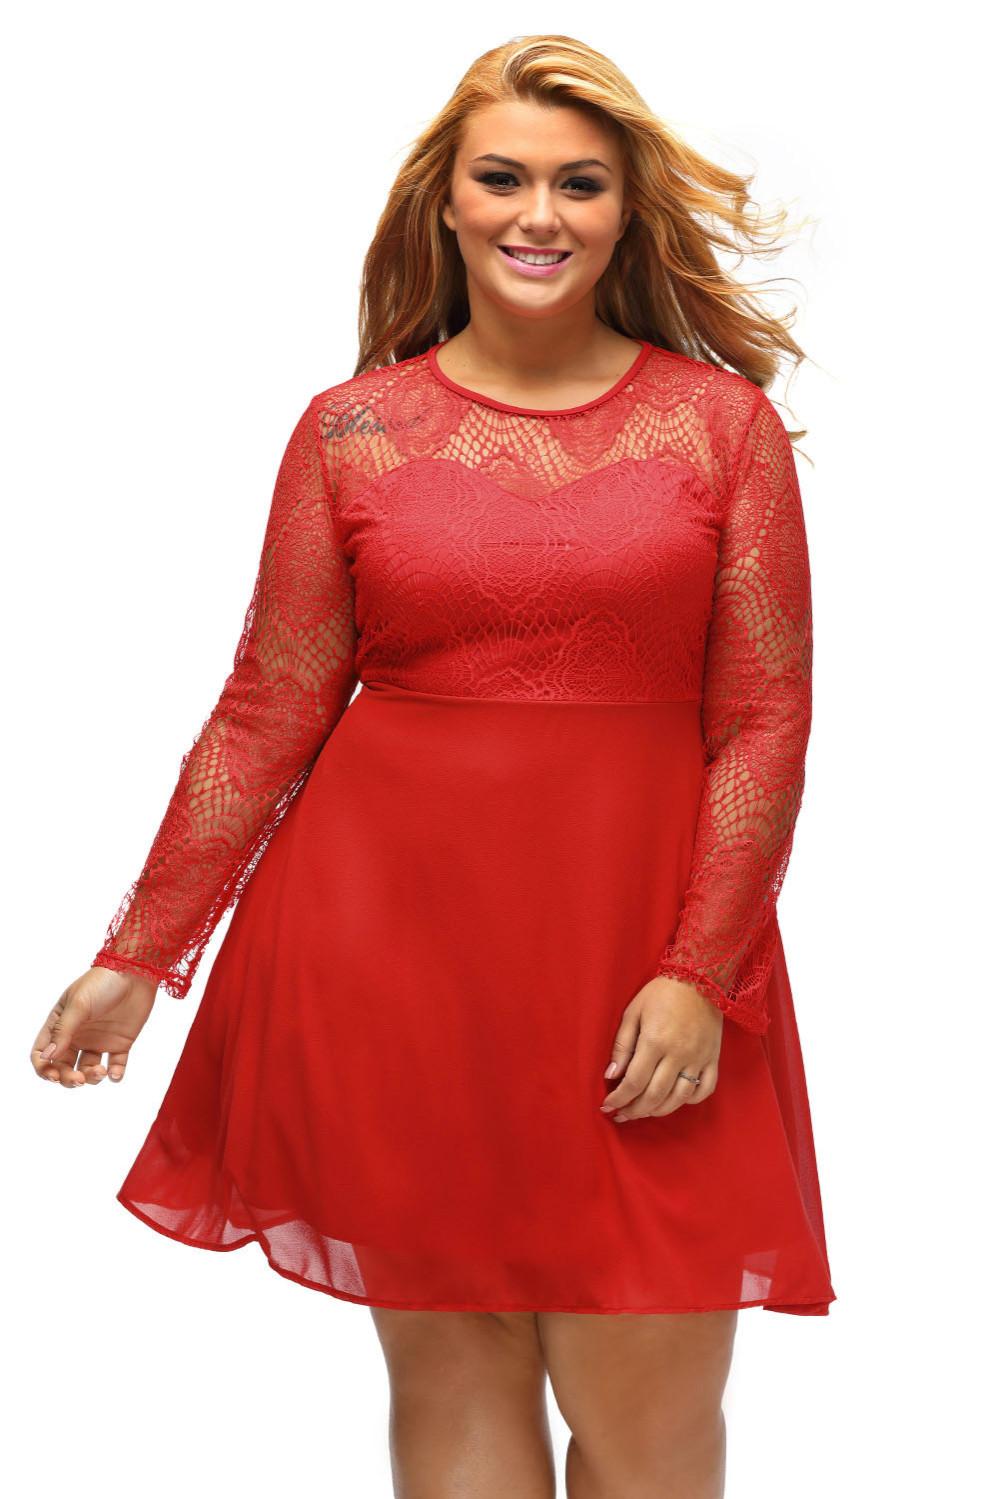 2016ใหม่ในฤดูใบไม้ร่วงของผู้หญิงแฟชั่นสีดำสีแดงสีขาวโฮขนาดบวกลูกไม้สูงสุดSkater LGY22870 ถูก